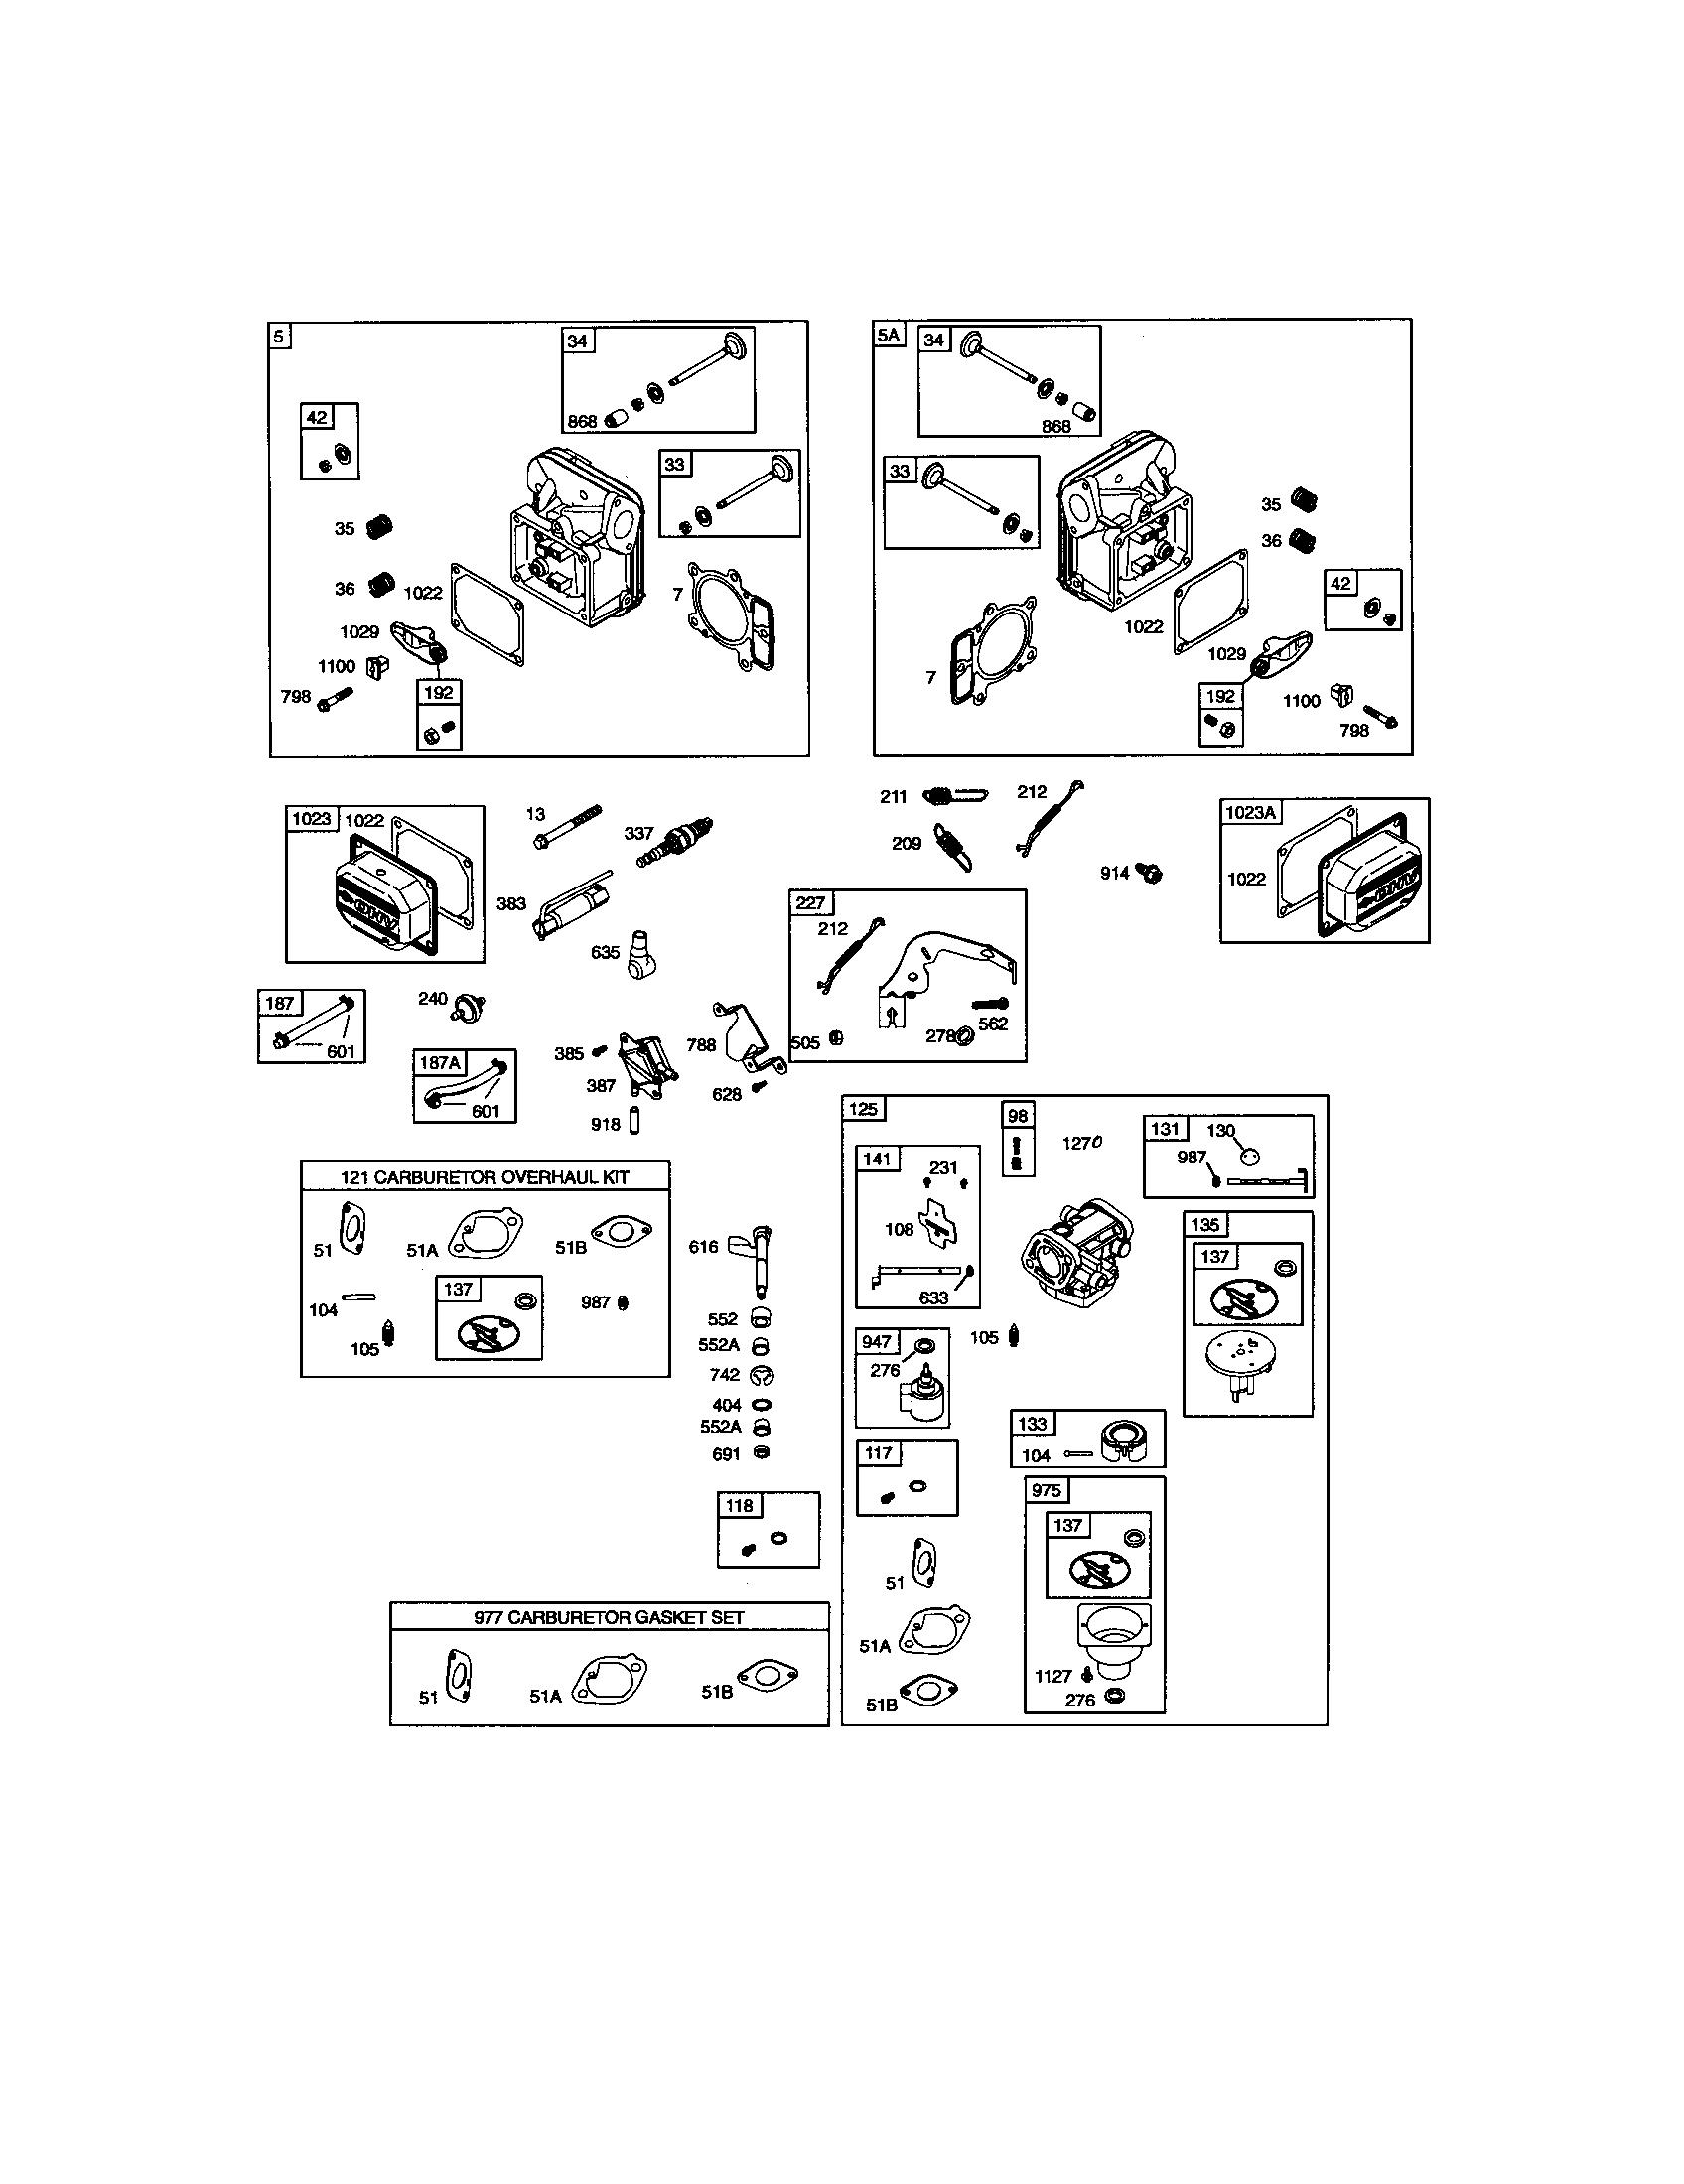 briggs and stratton 407777 repair manual